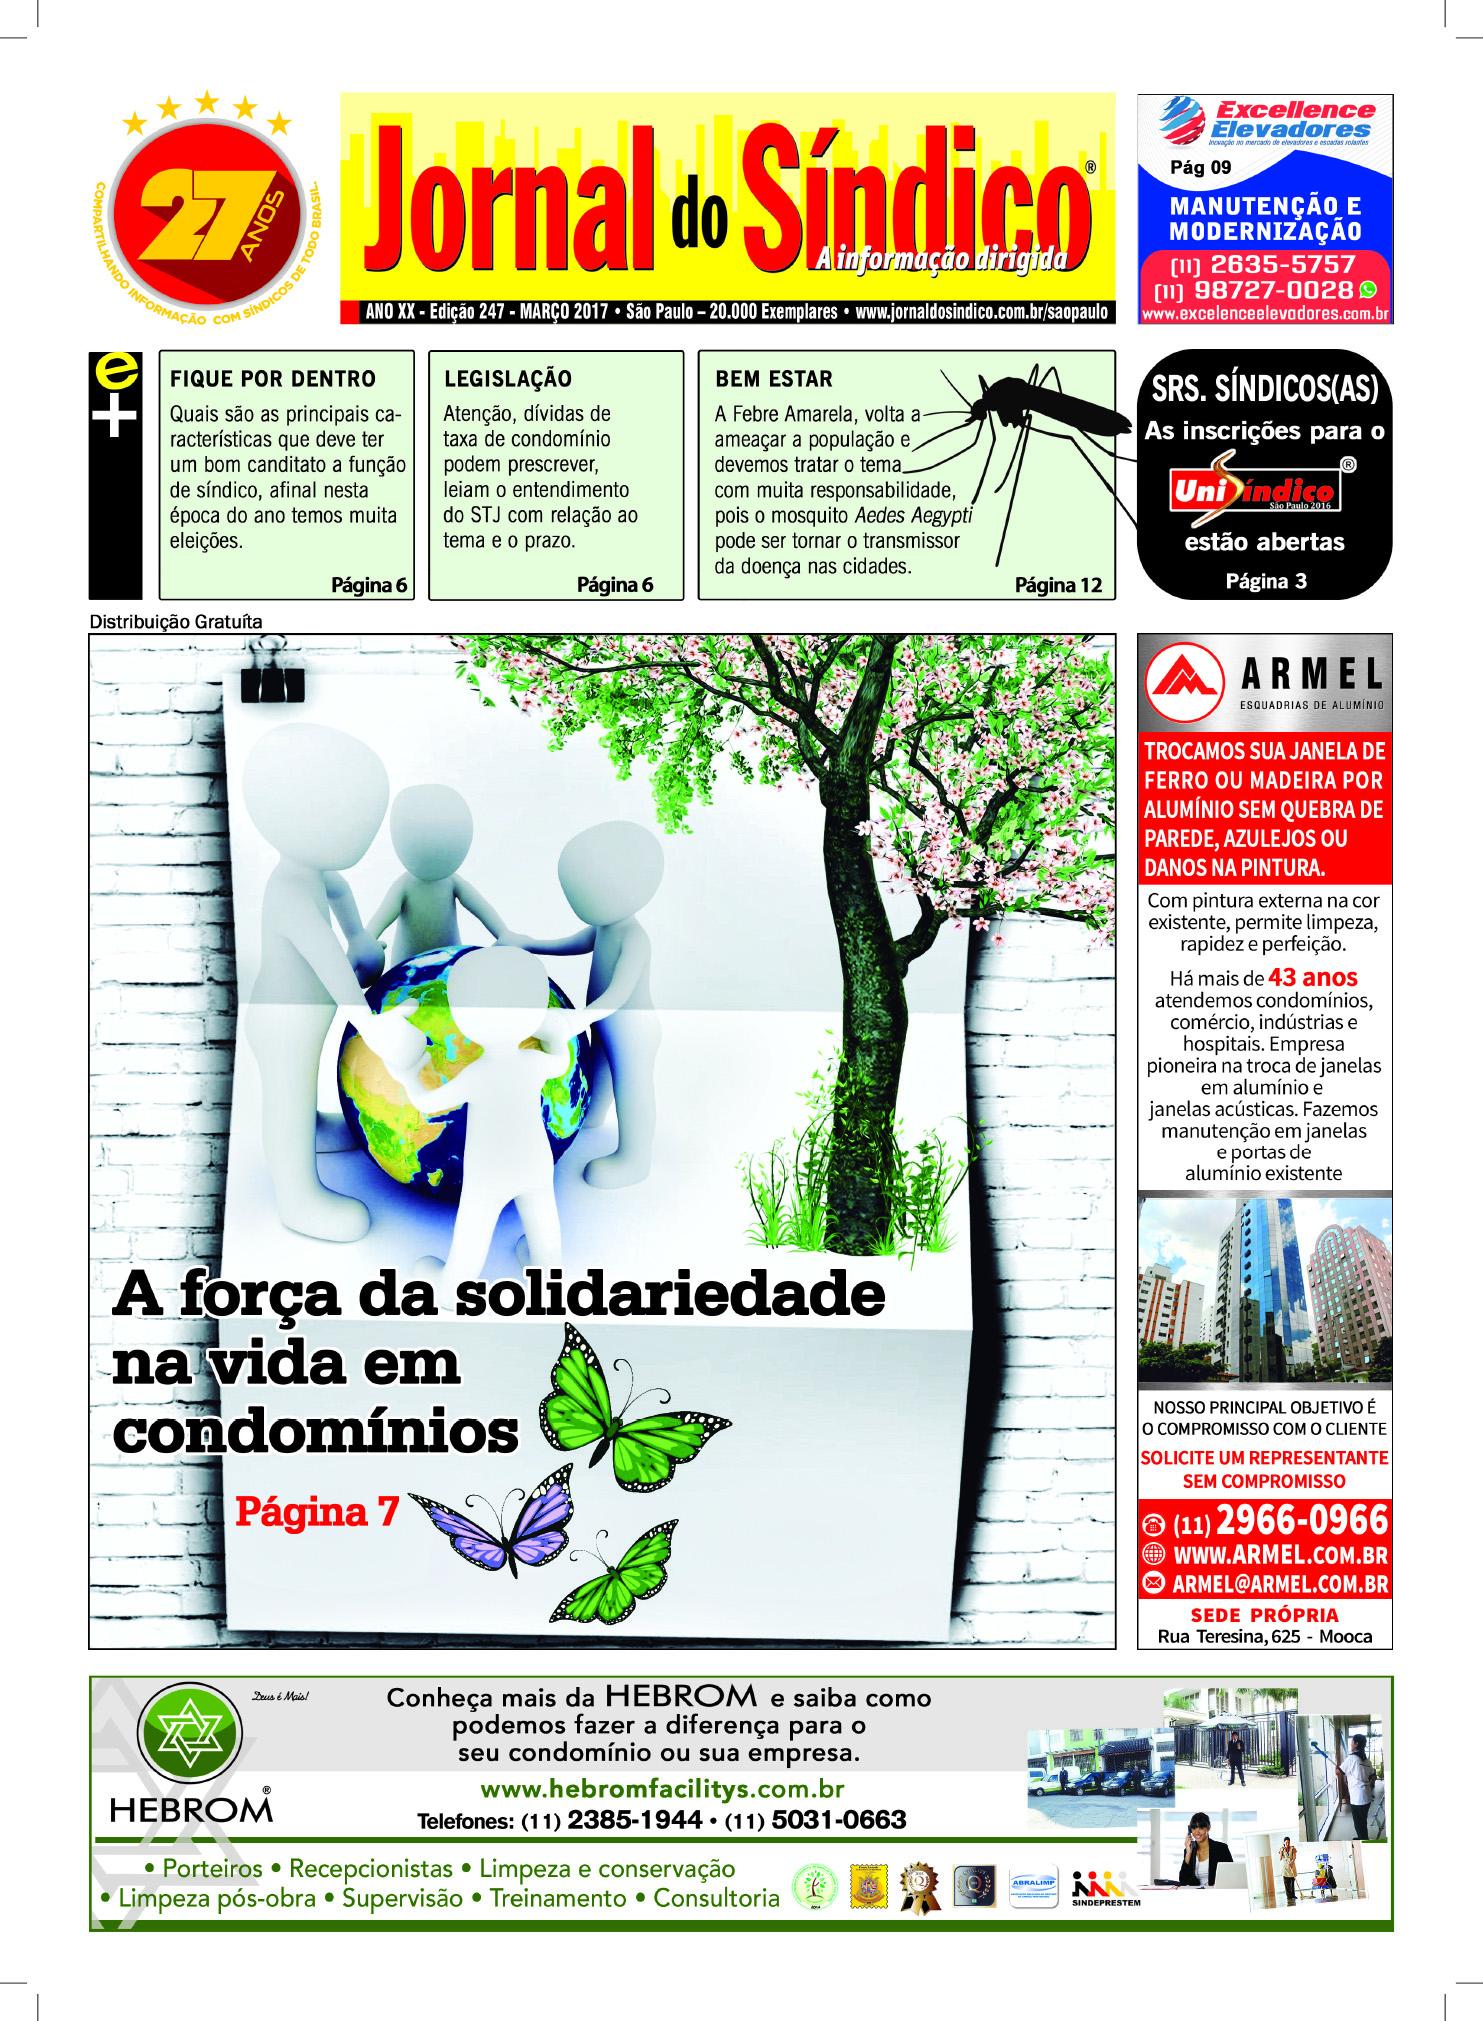 Jornal-Marco 247 - 2017backup.indd